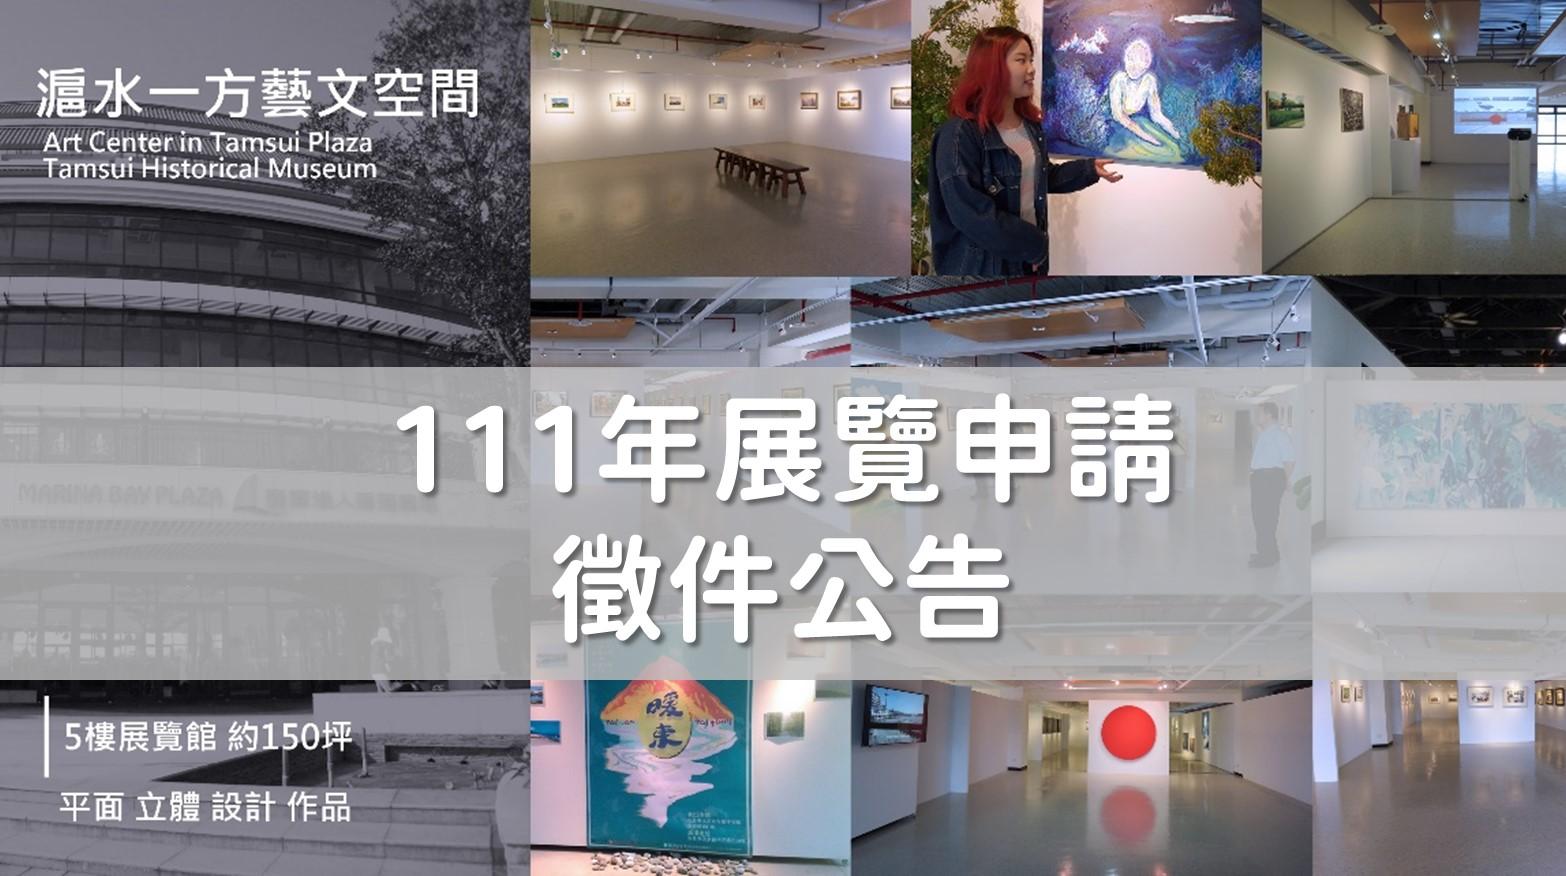 滬水一方(111年展覽申請徵件公告)